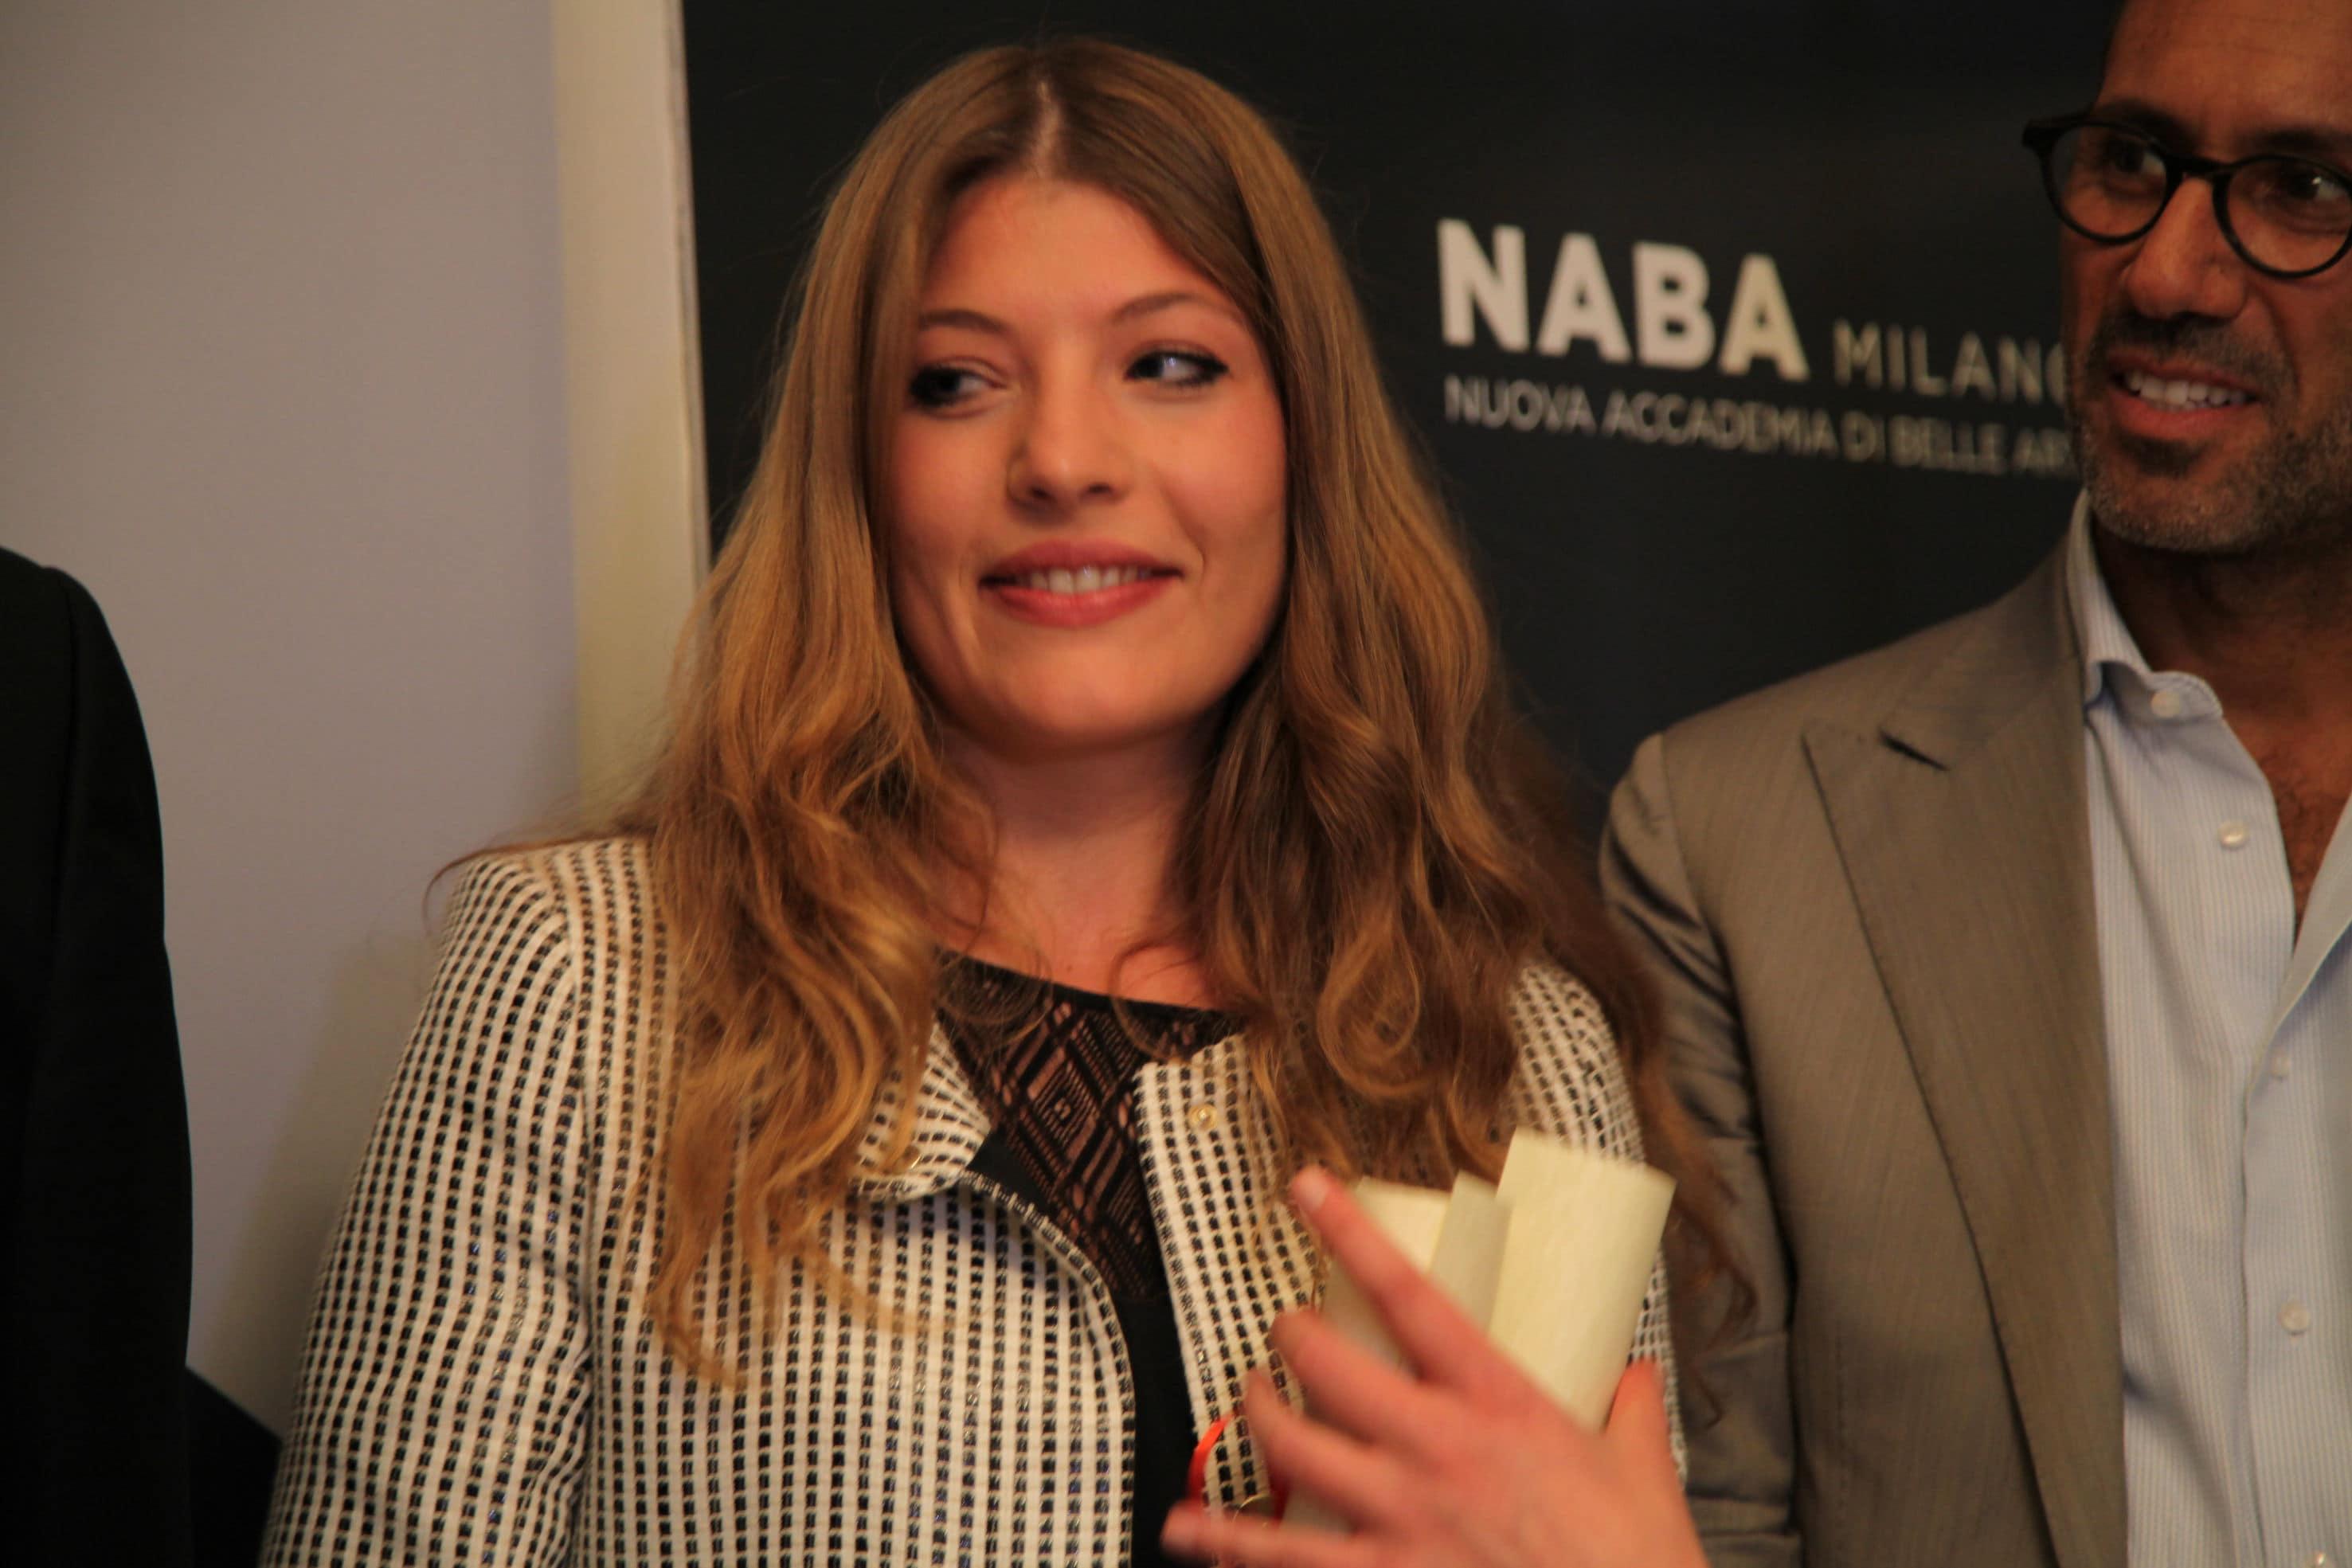 Aster premia gli studenti di NABA vincitori del contest Create your mood